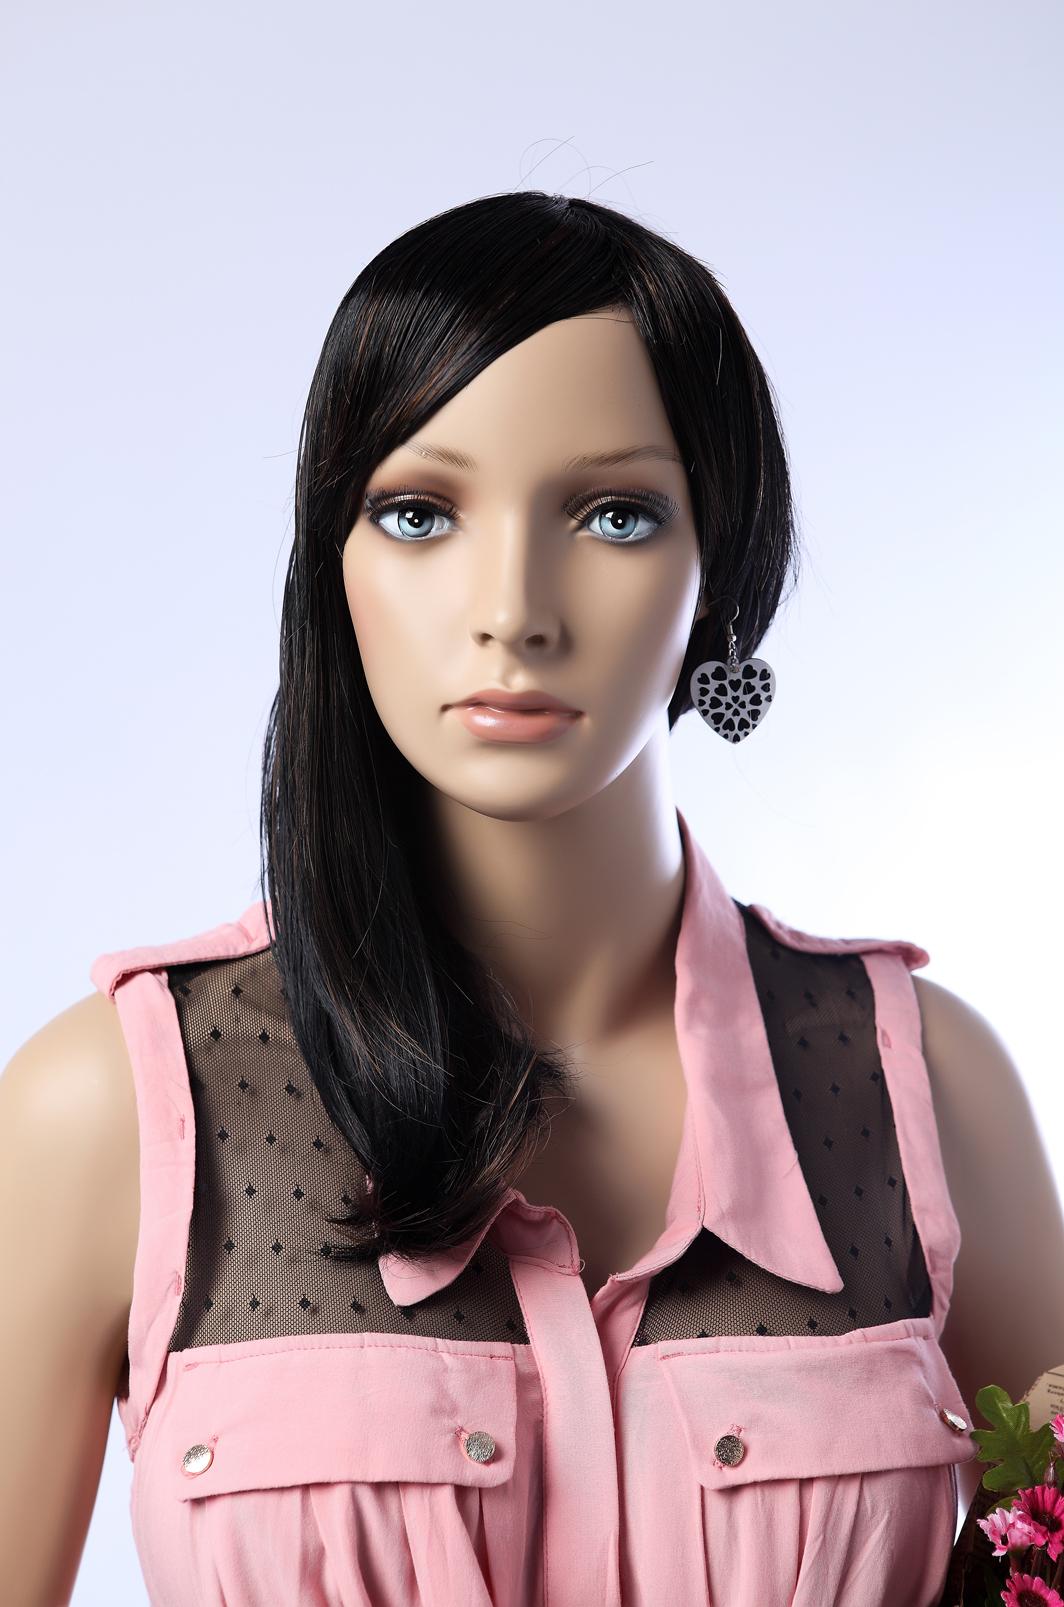 weibliche Schaufensterfigur Mannequin sexy